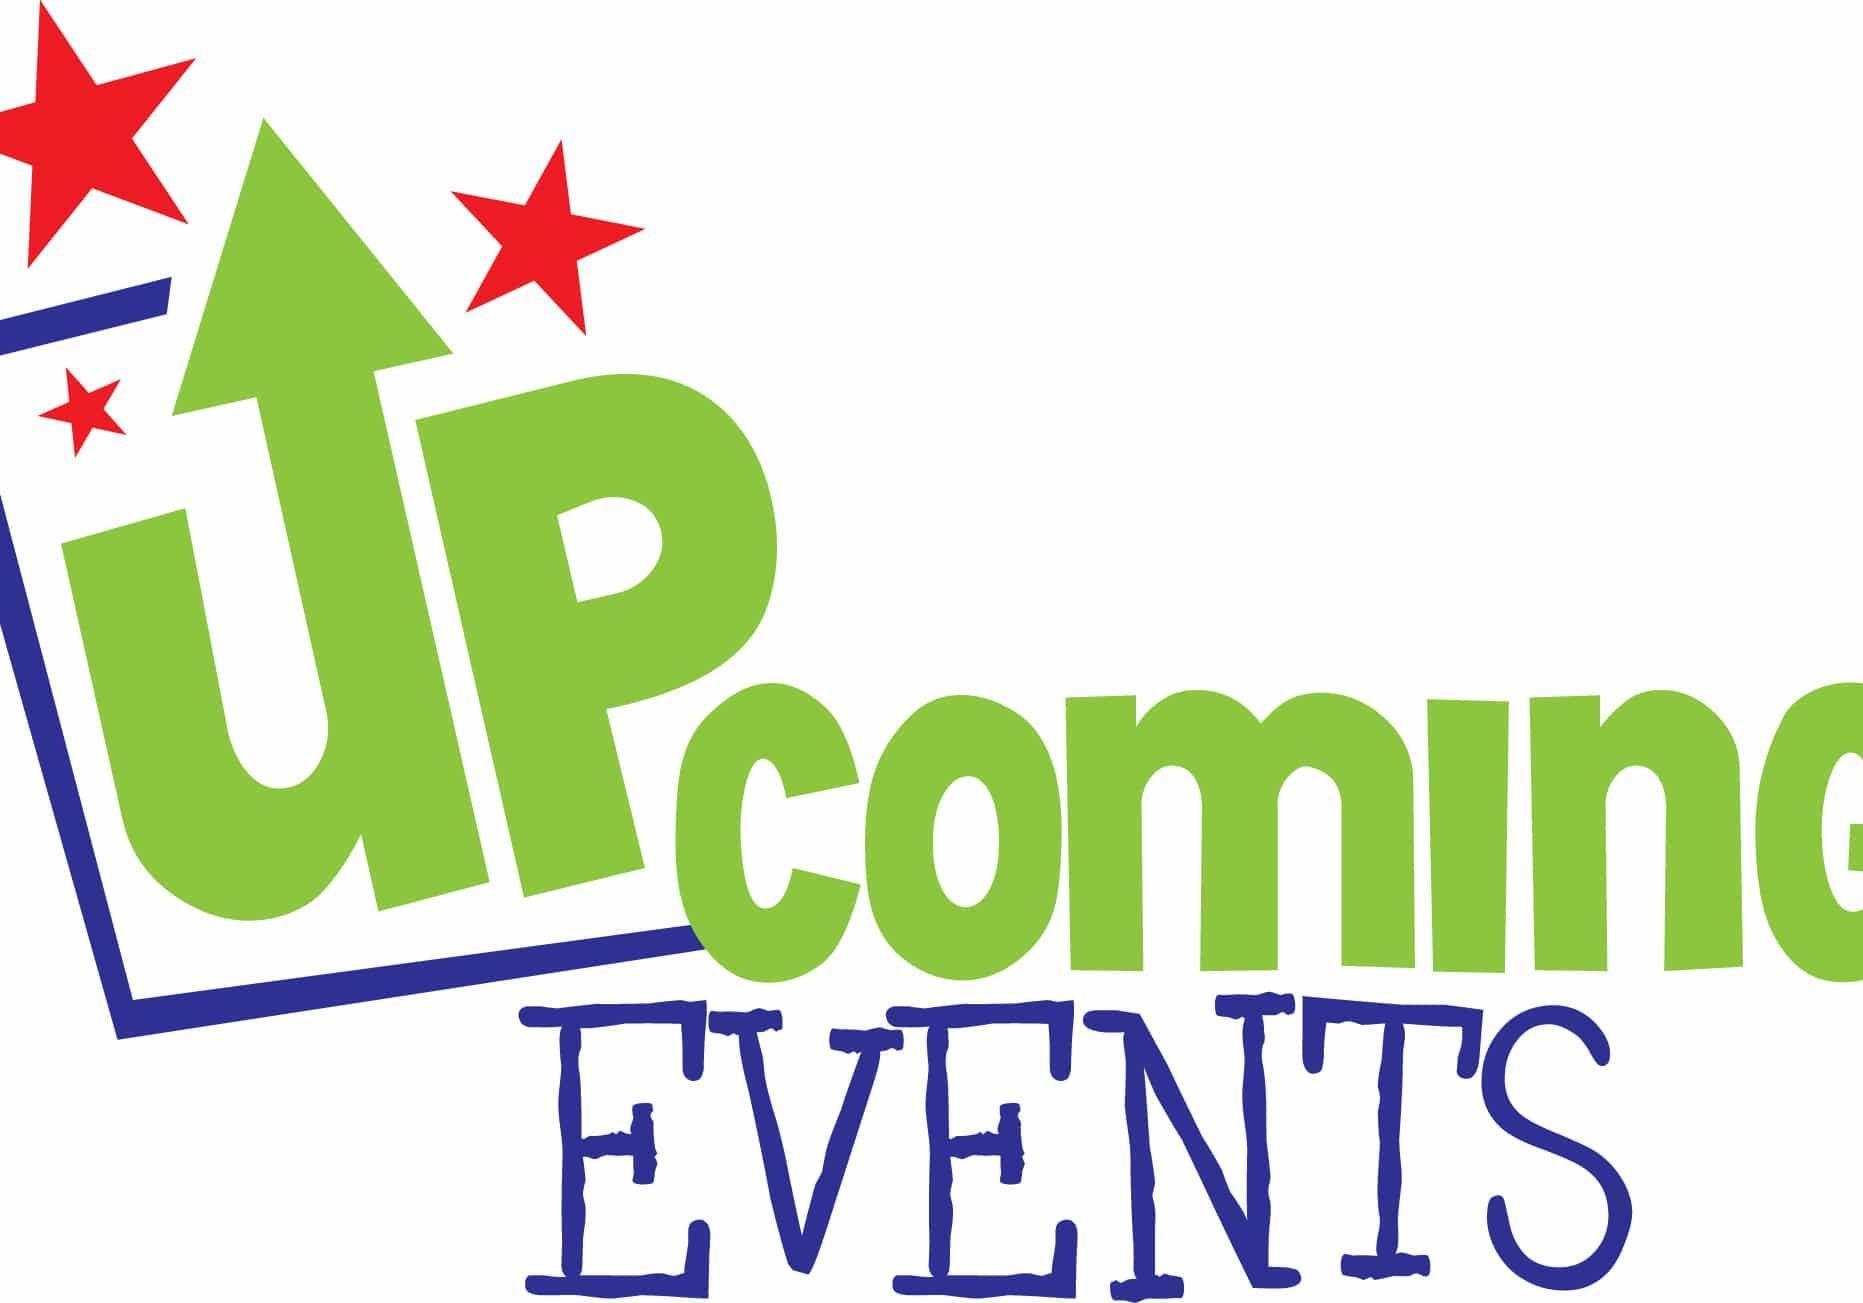 Upcoming events clip art (Cliparts) upcoming,events,clip art,star,arrow